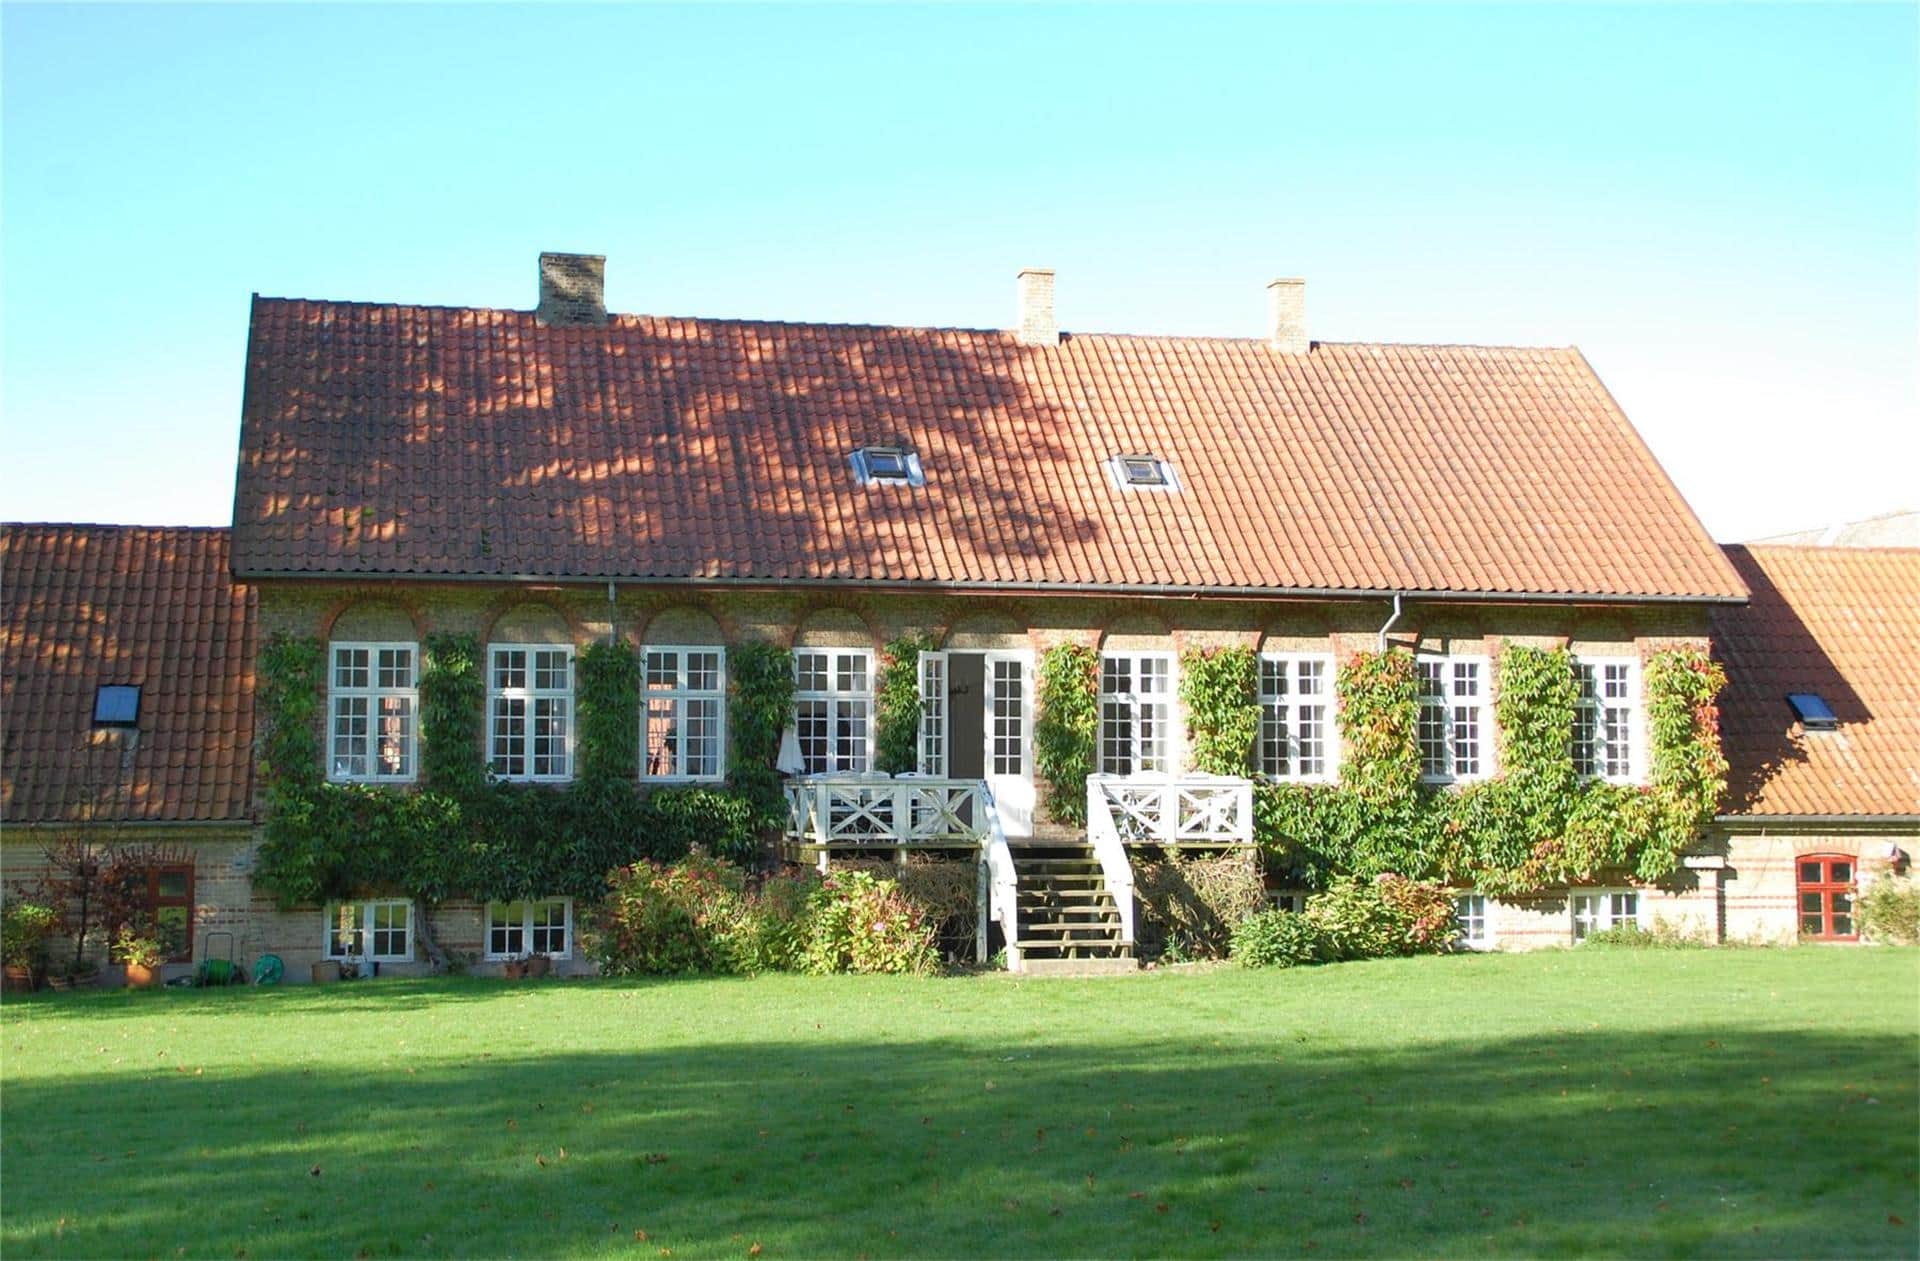 Billede 1-3 Sommerhus M66718, Lundsgårdsvej 15, DK - 5300 Kerteminde